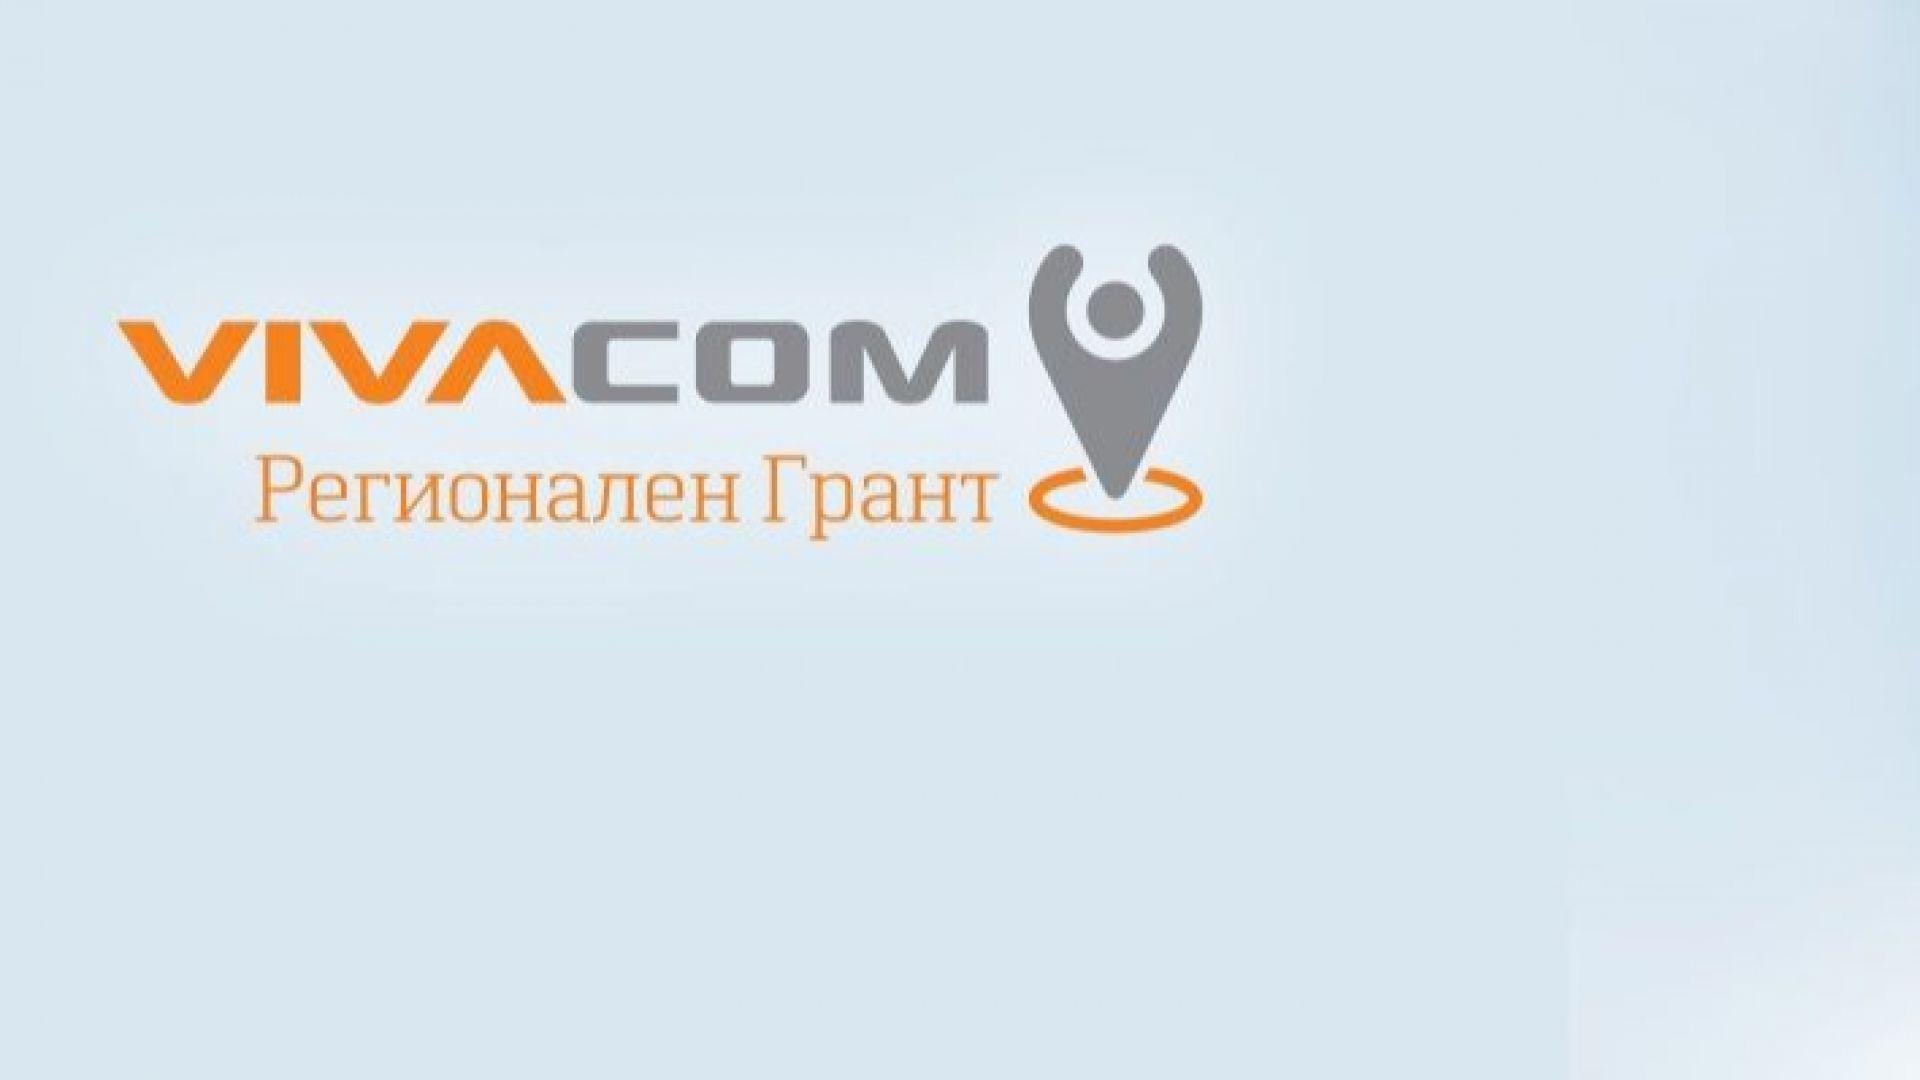 VIVACOMРегионален грант с удължен срок за кандидатстване